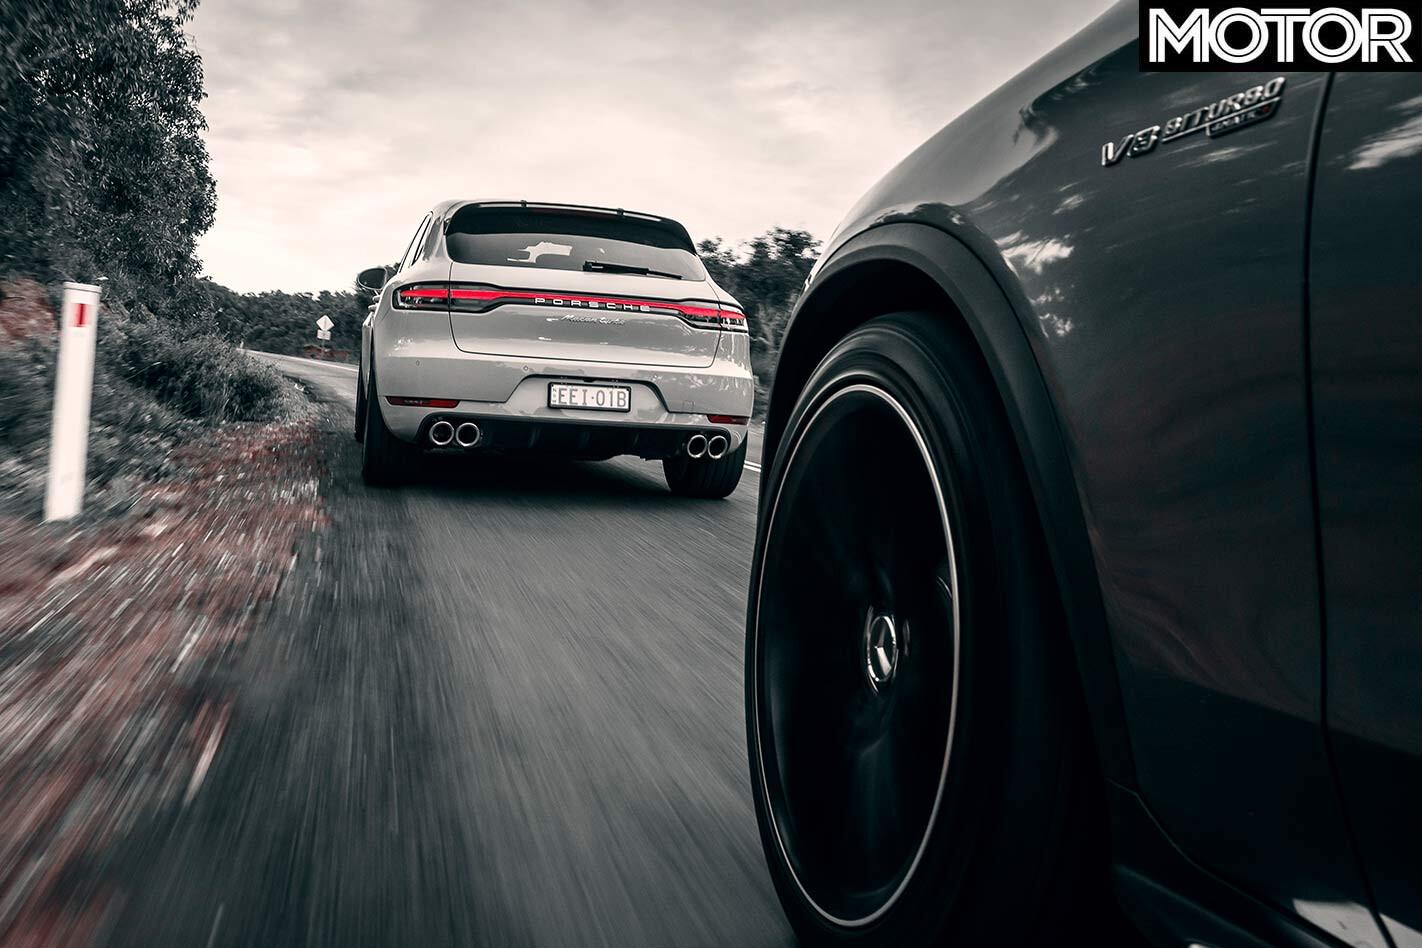 Porsche Macan Turbo v Mercedes-AMG GLC63 S